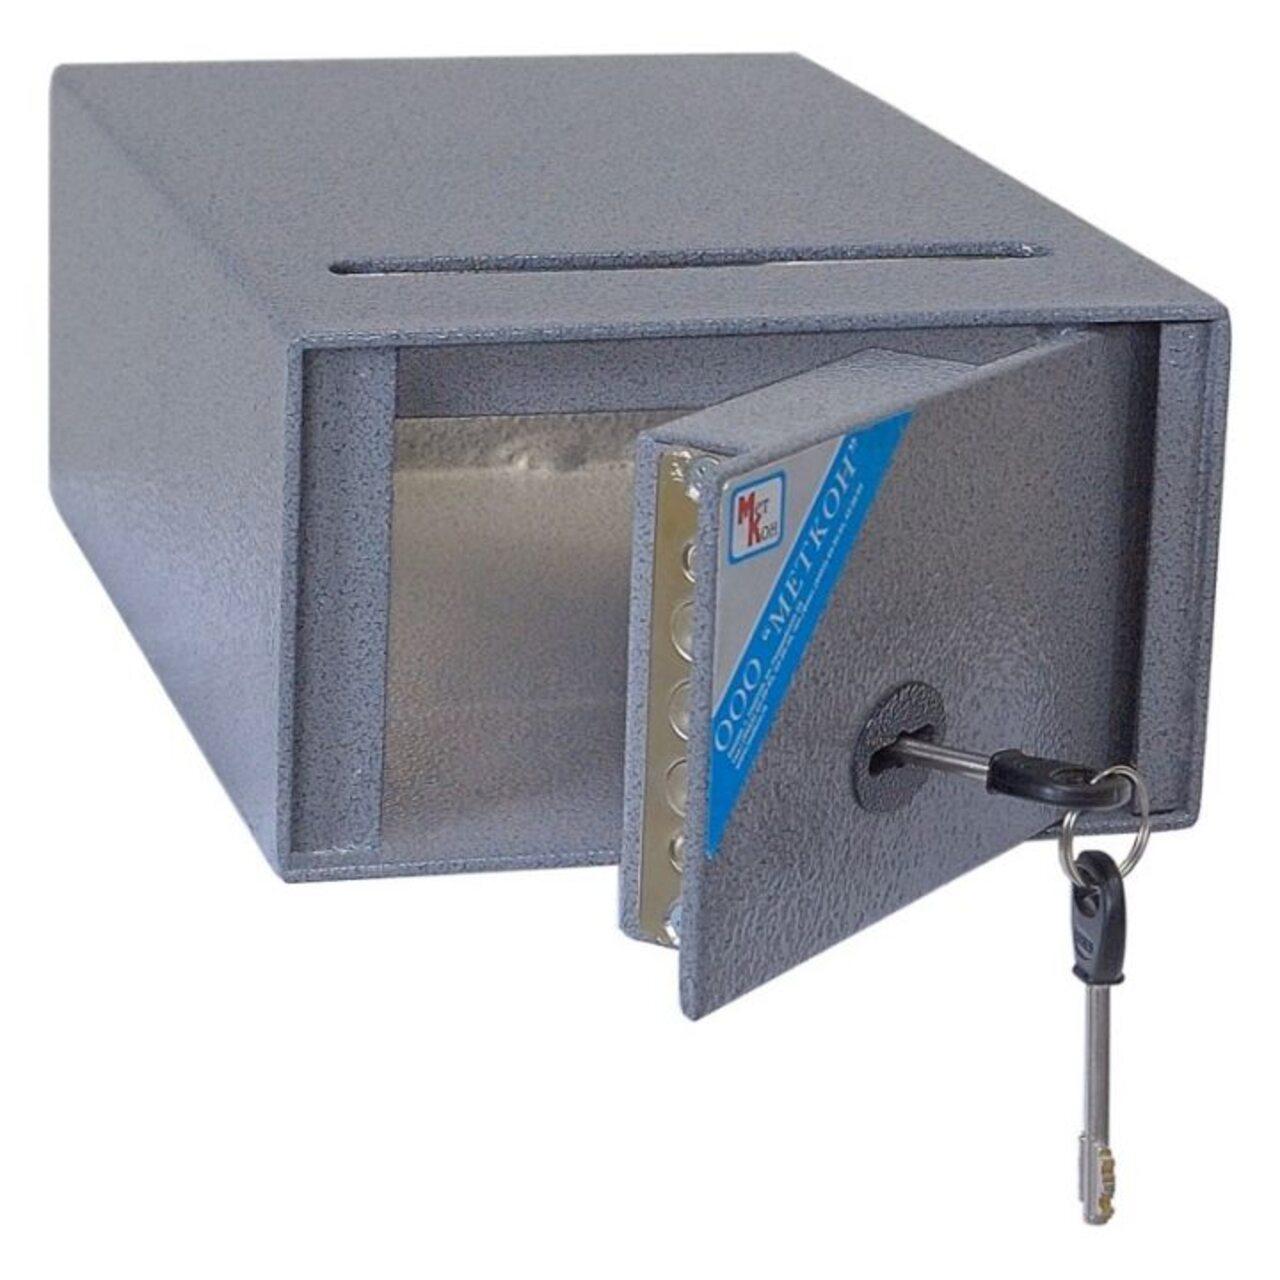 Шкаф автомобильный встраиваемый ШМ-9 - фото 2